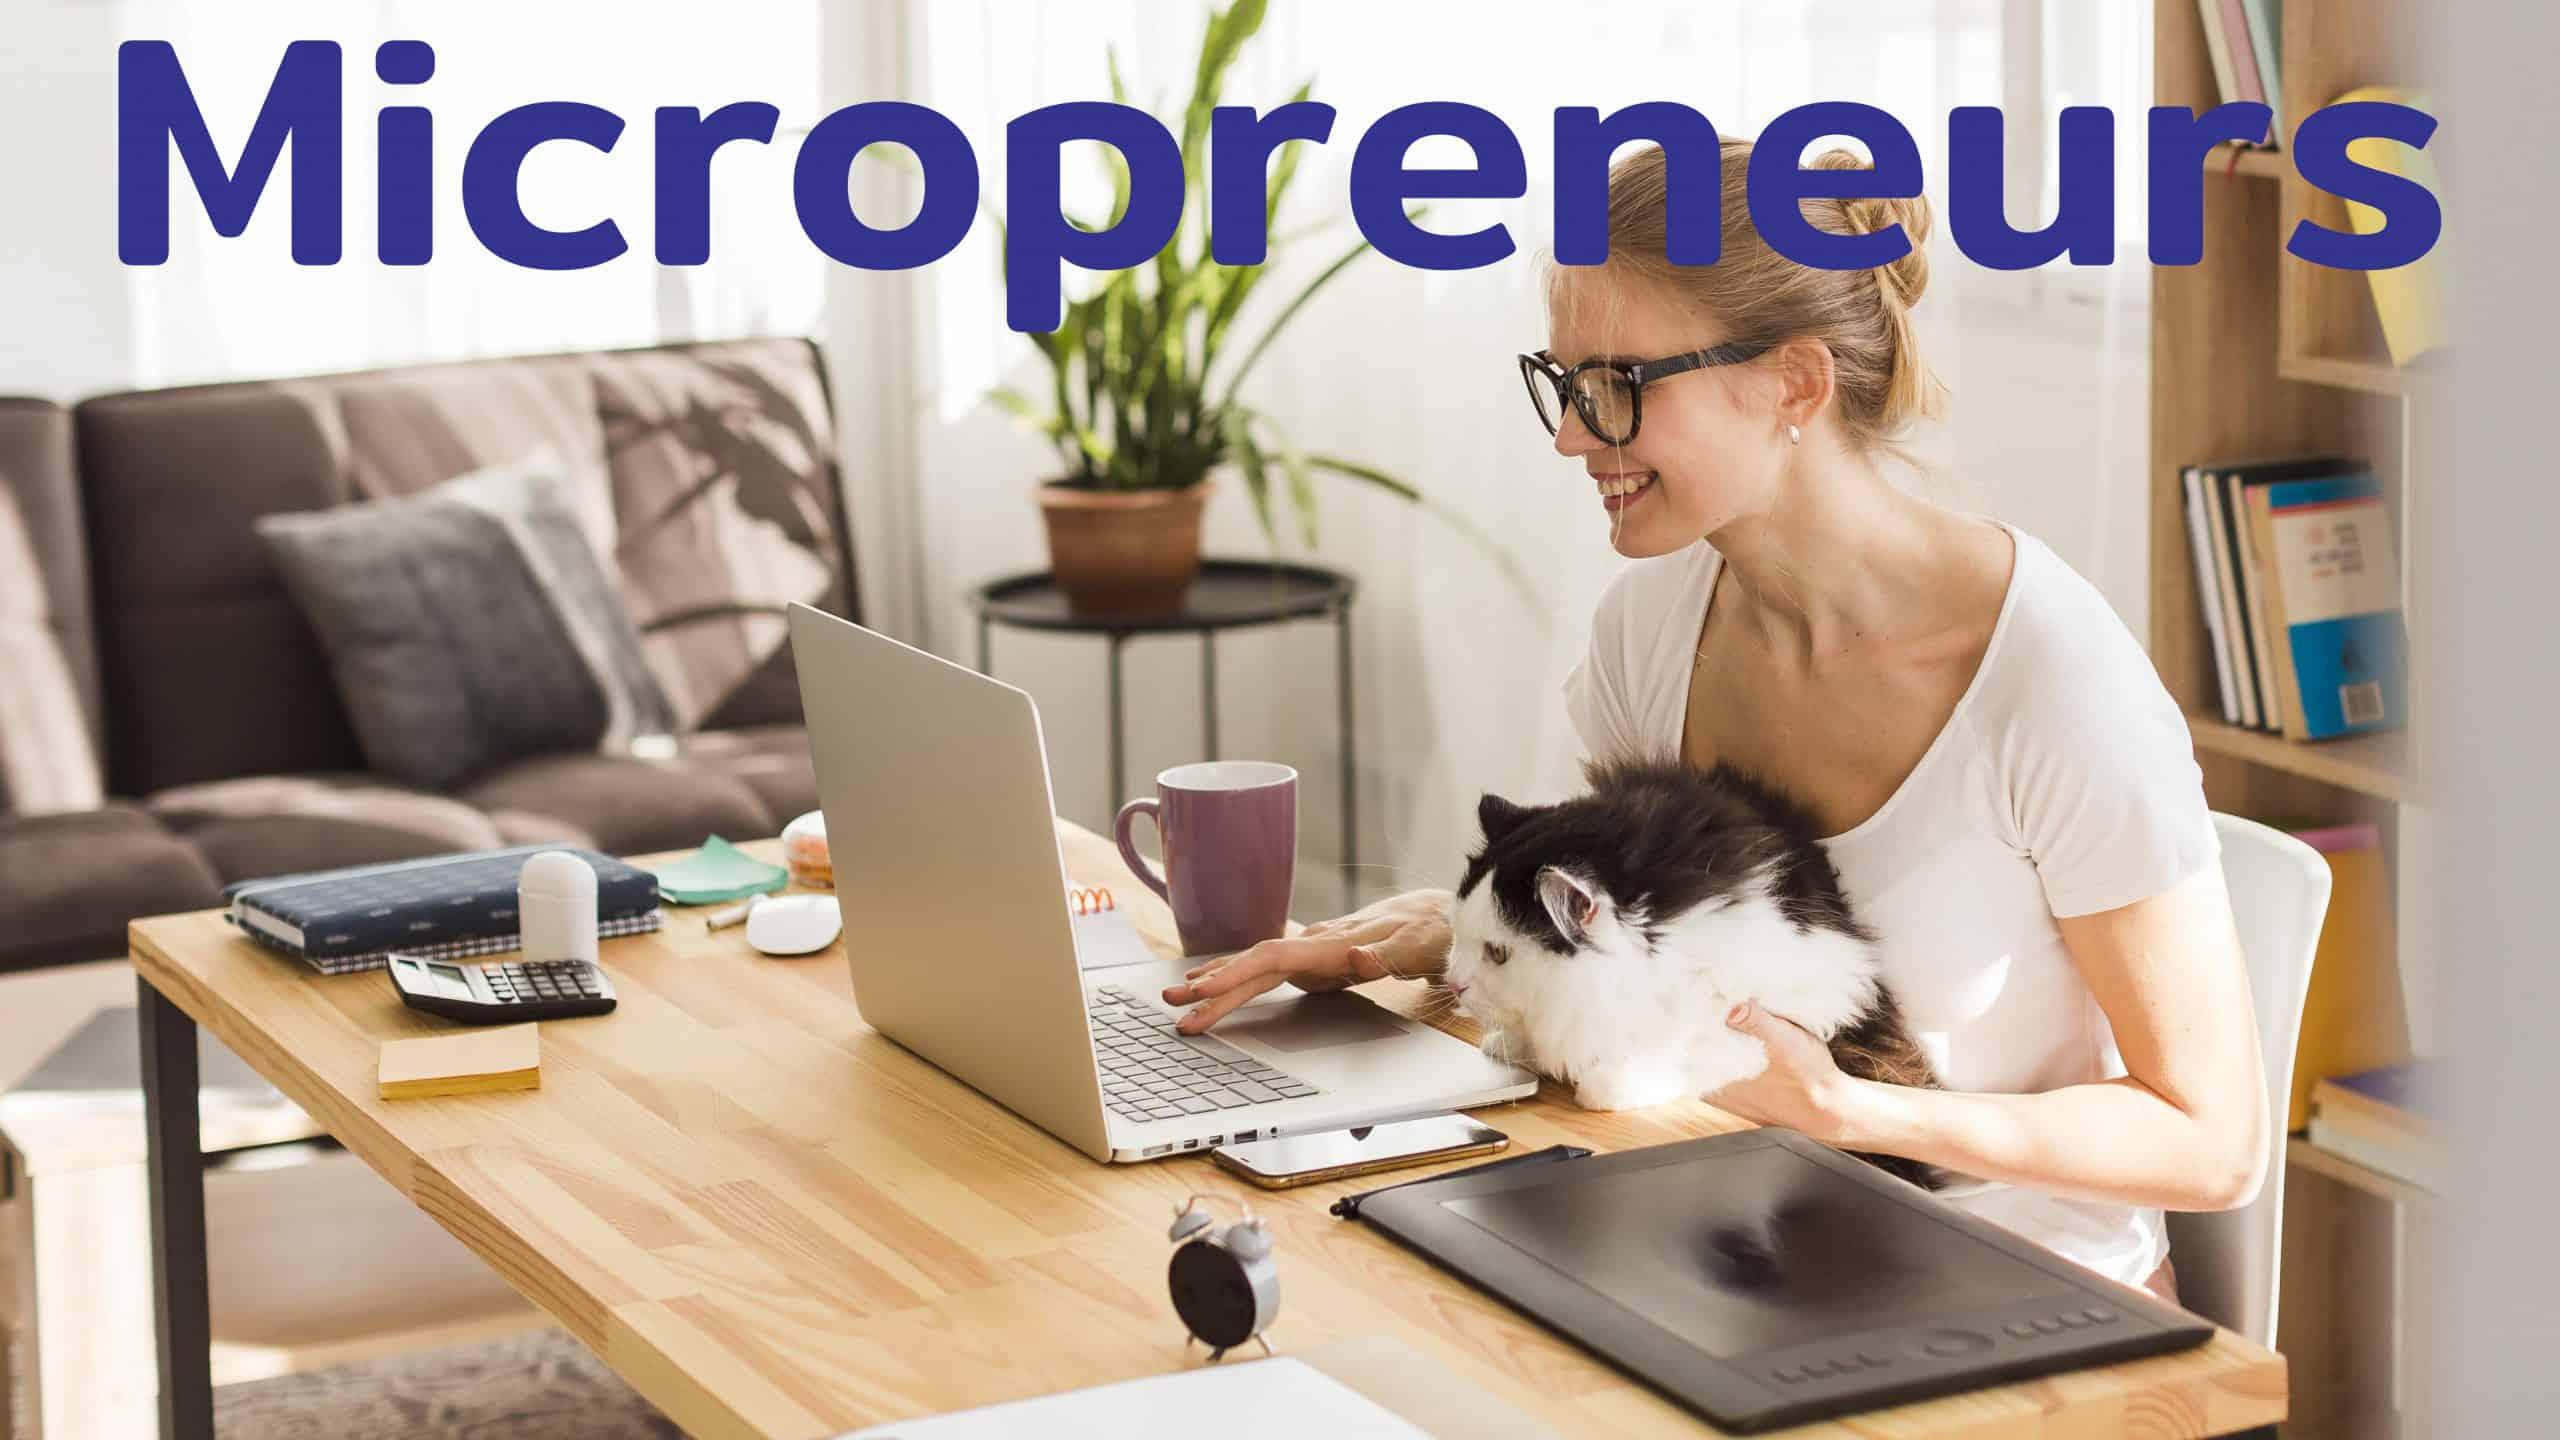 Micropreneurs เมื่อไอเดียที่ดองมานานถูกหยิบมาทำเป็นธุรกิจช่วงว่างงานเพราะโควิด19